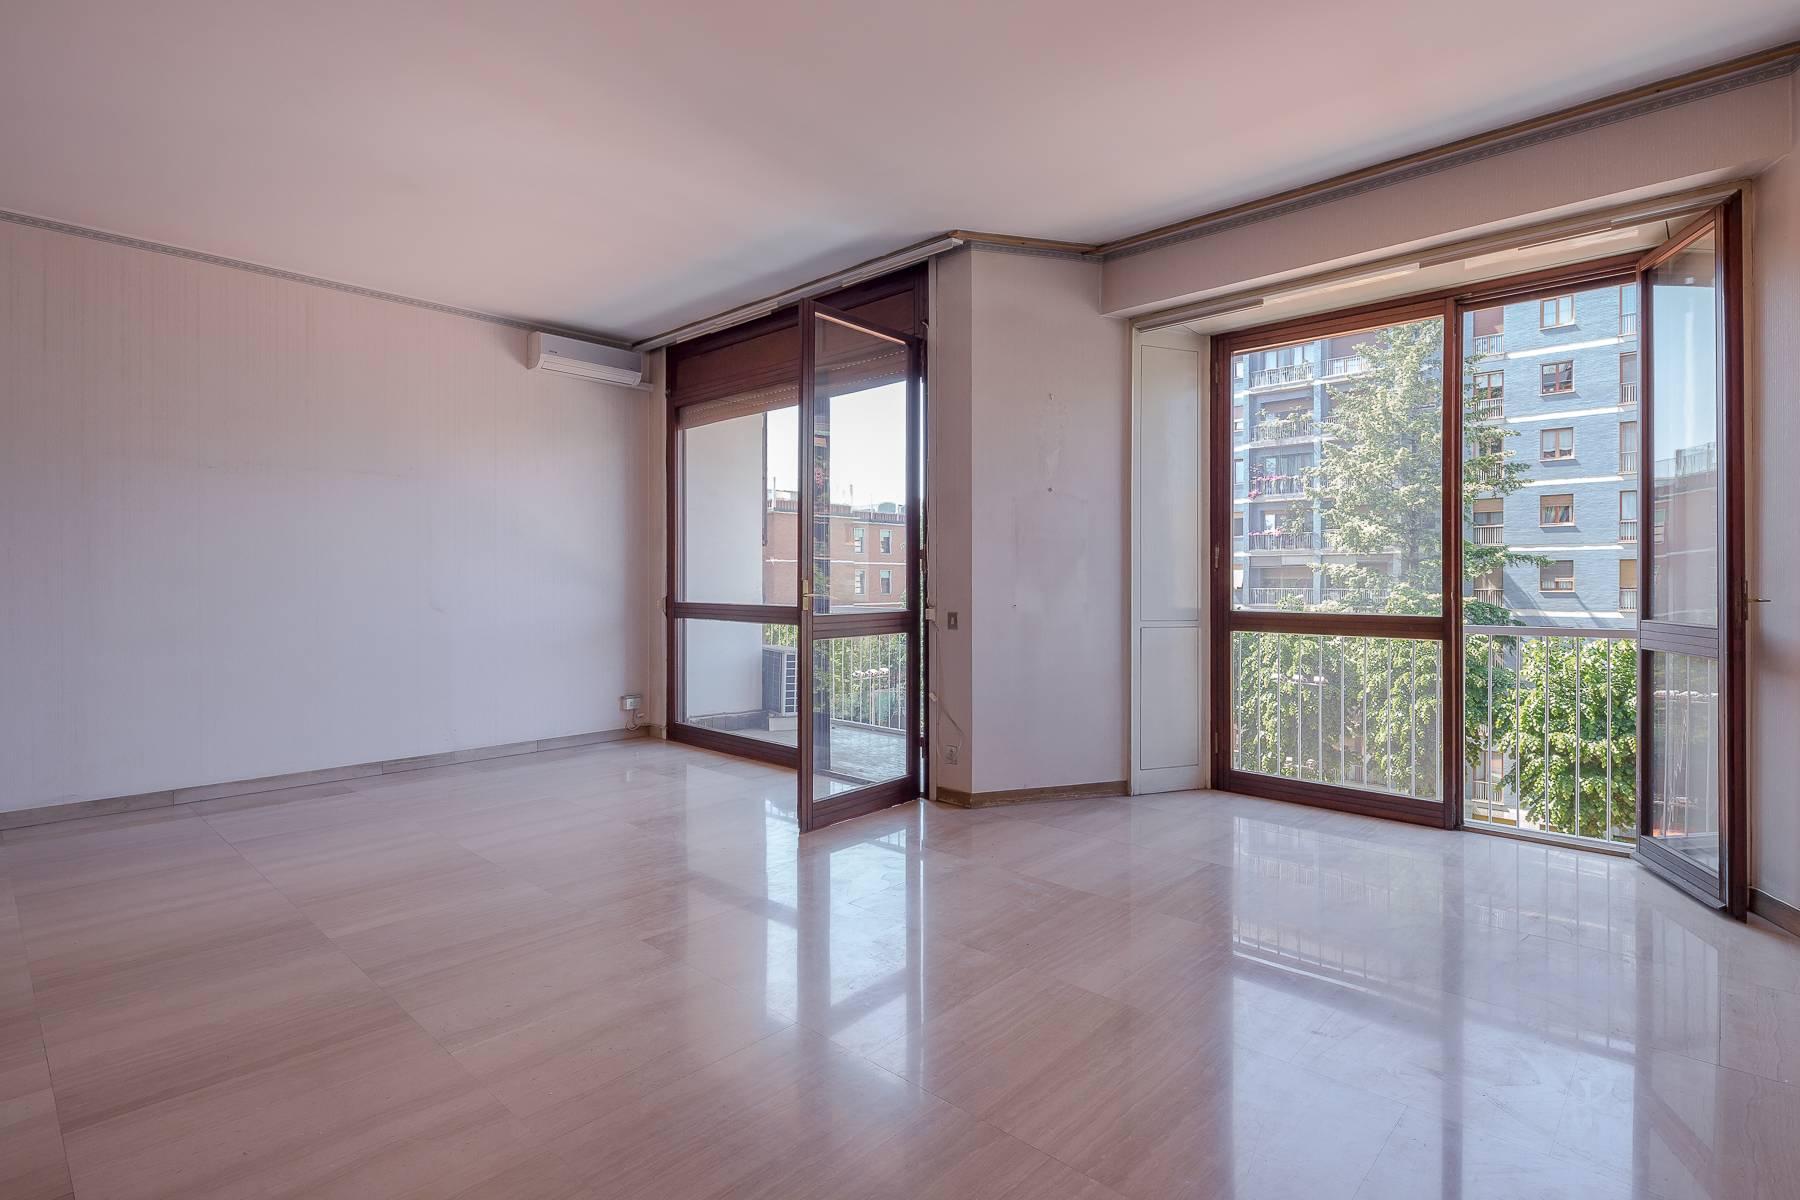 Appartamento in Vendita a Milano: 5 locali, 150 mq - Foto 18